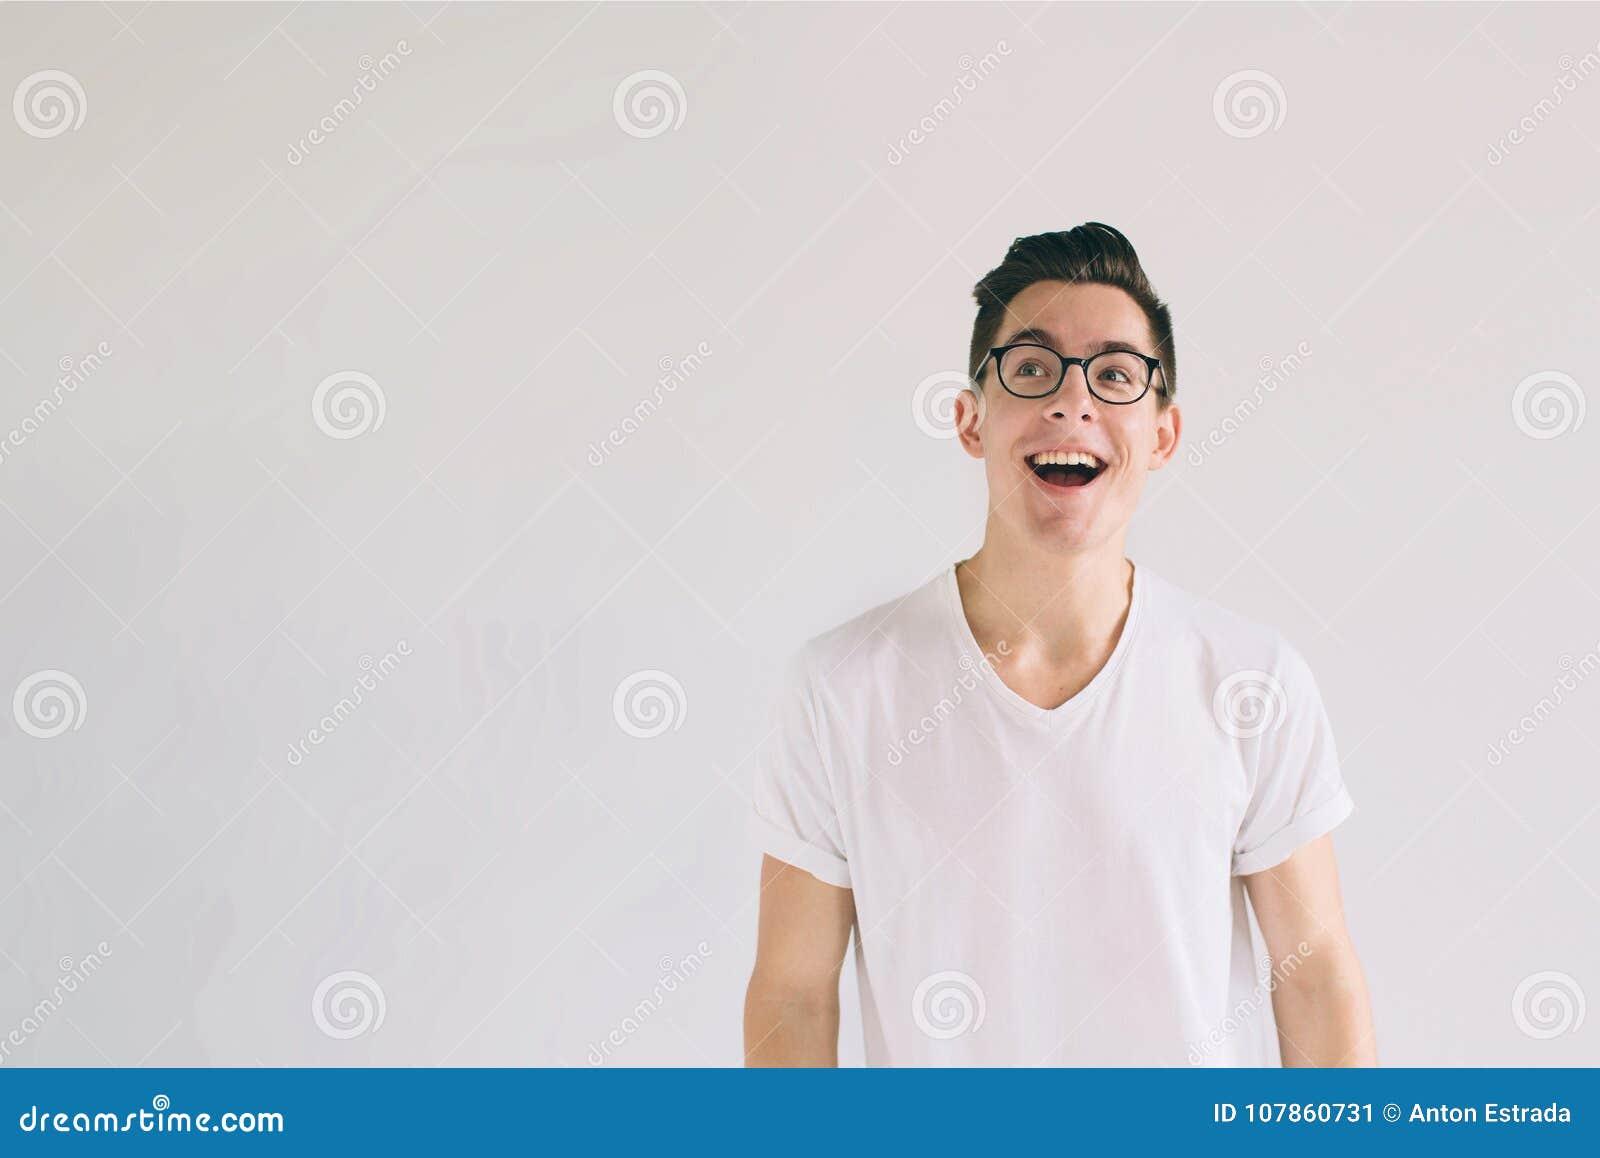 Άτομο στην άσπρη μπλούζα και γυαλιά με το μεγάλο χαμόγελο που απομονώνεται στο άσπρο υπόβαθρο Ένας πολύ καλός σπουδαστής έχει μια